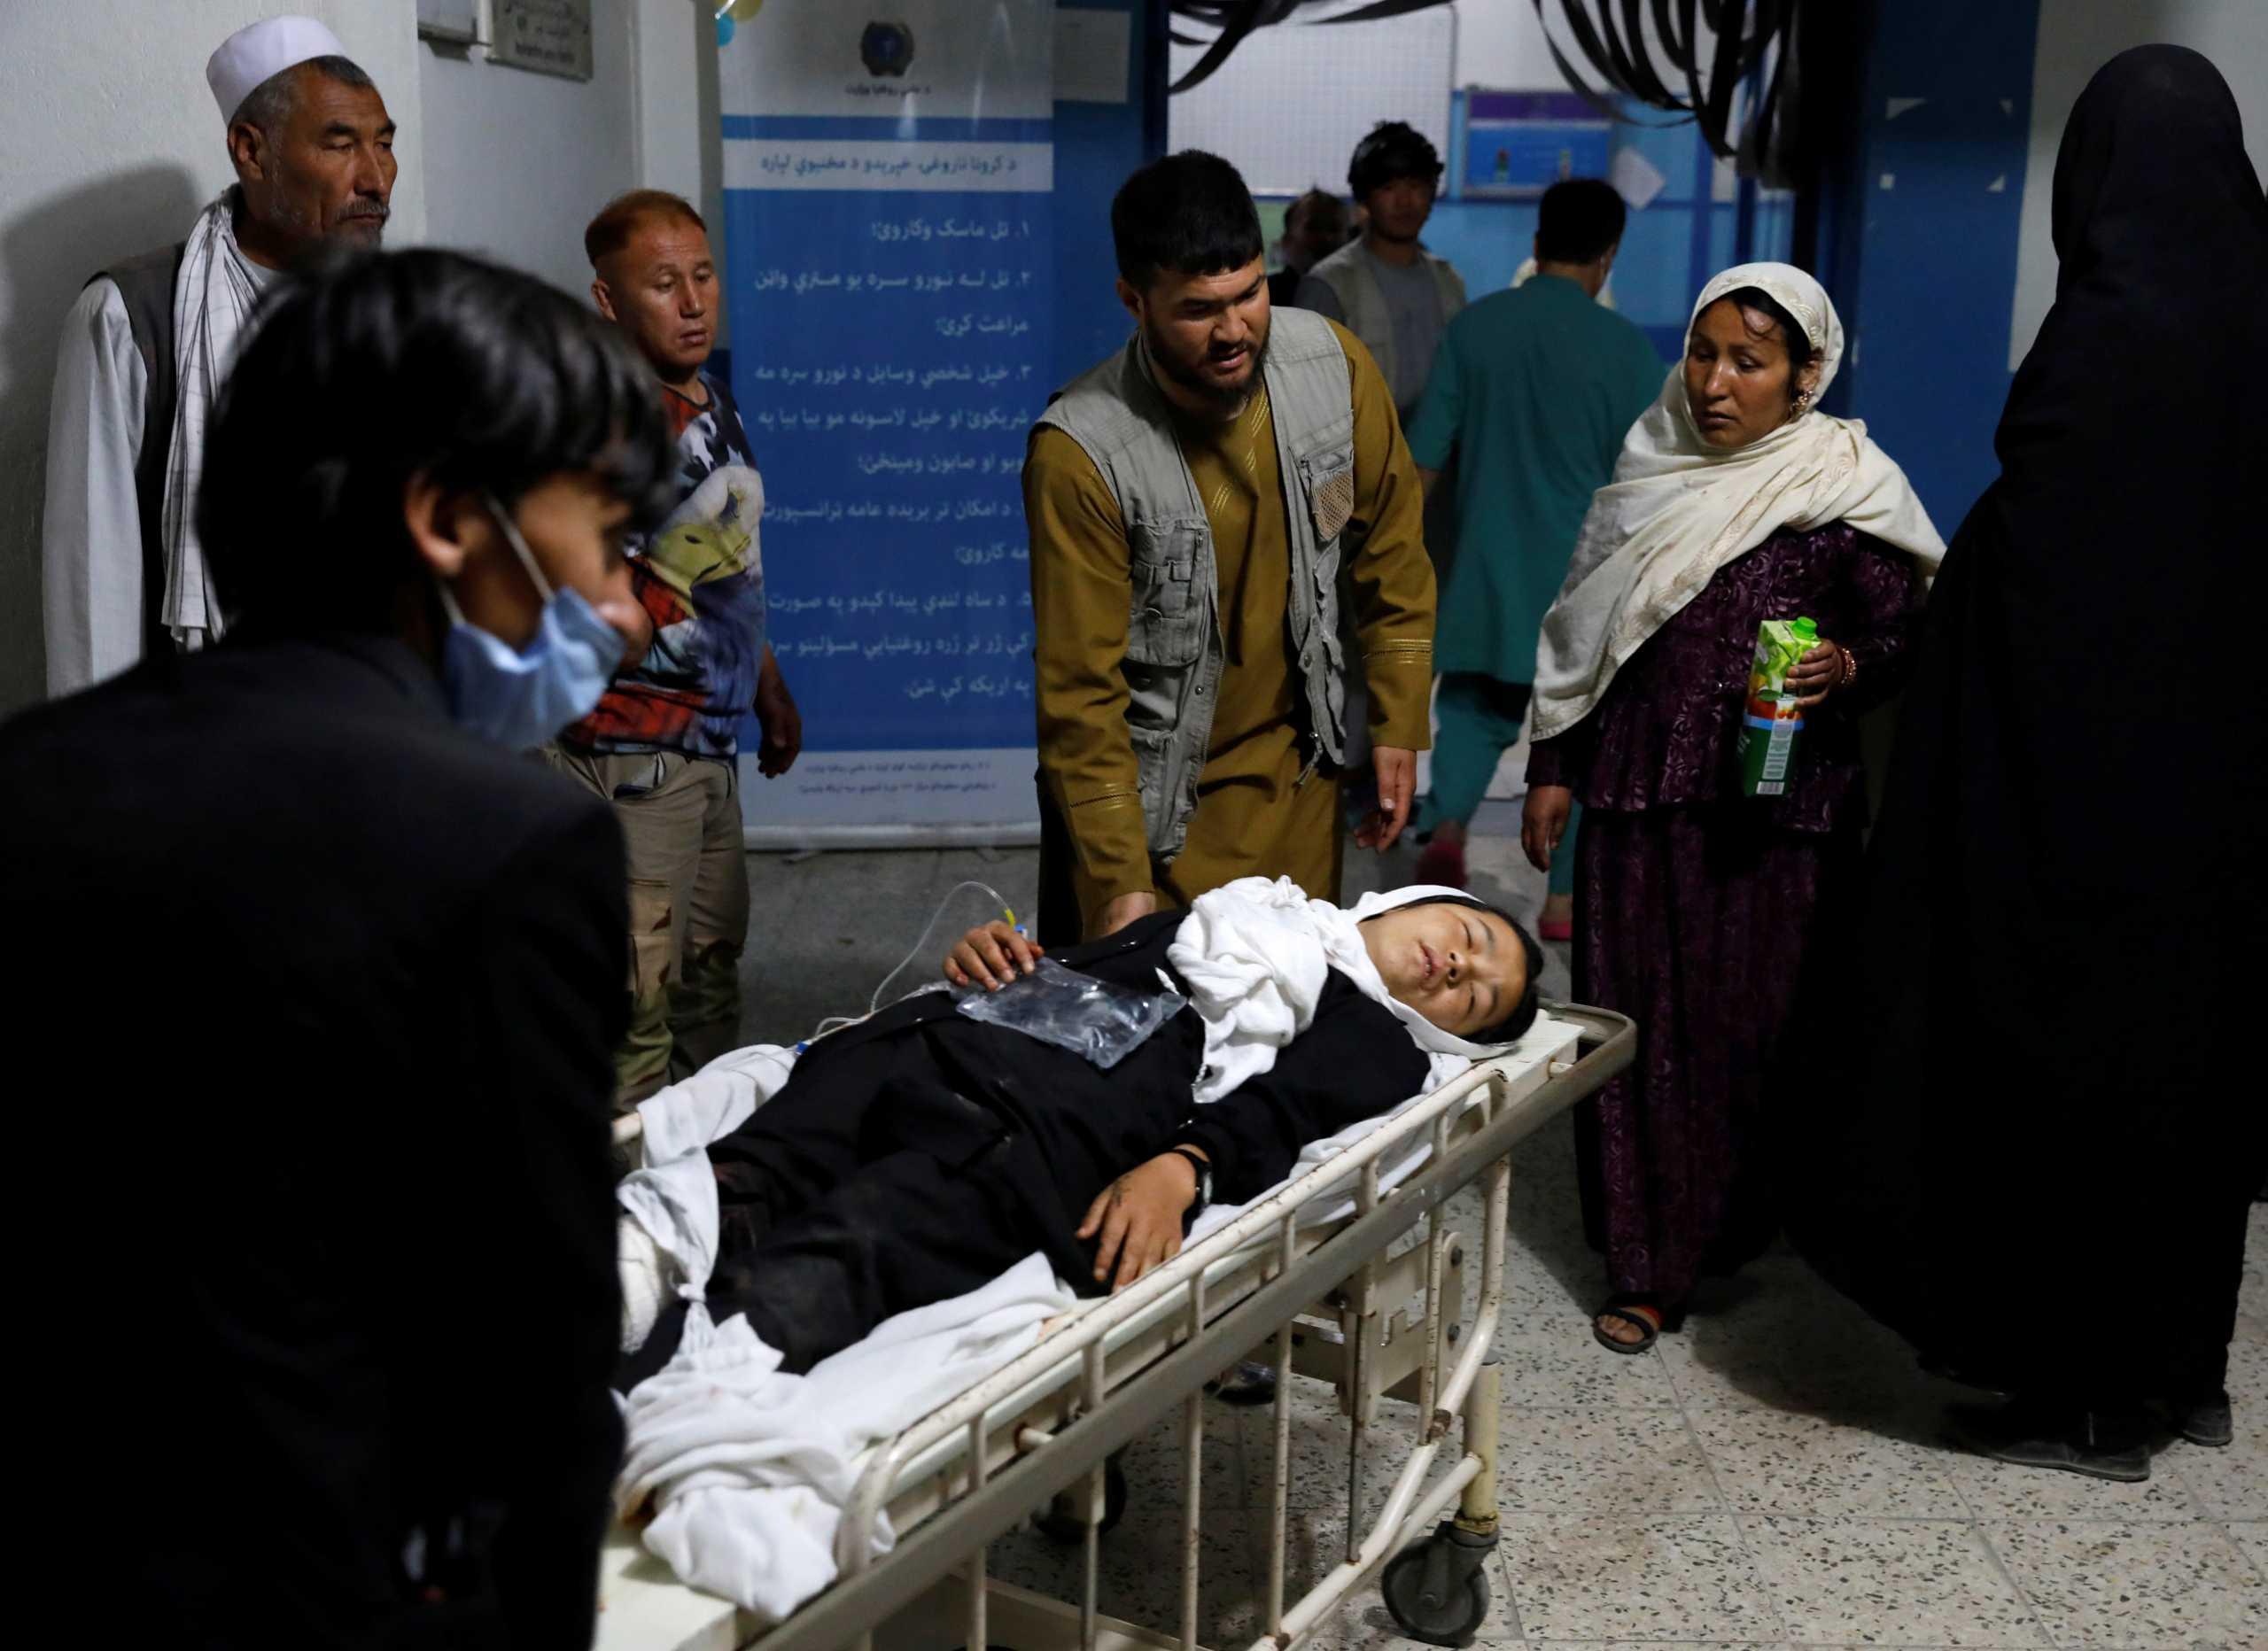 Αφγανιστάν: 55 νεκροί και 150 τραυματίες από εκρήξεις κοντά σε σχολείο της Καμπούλ